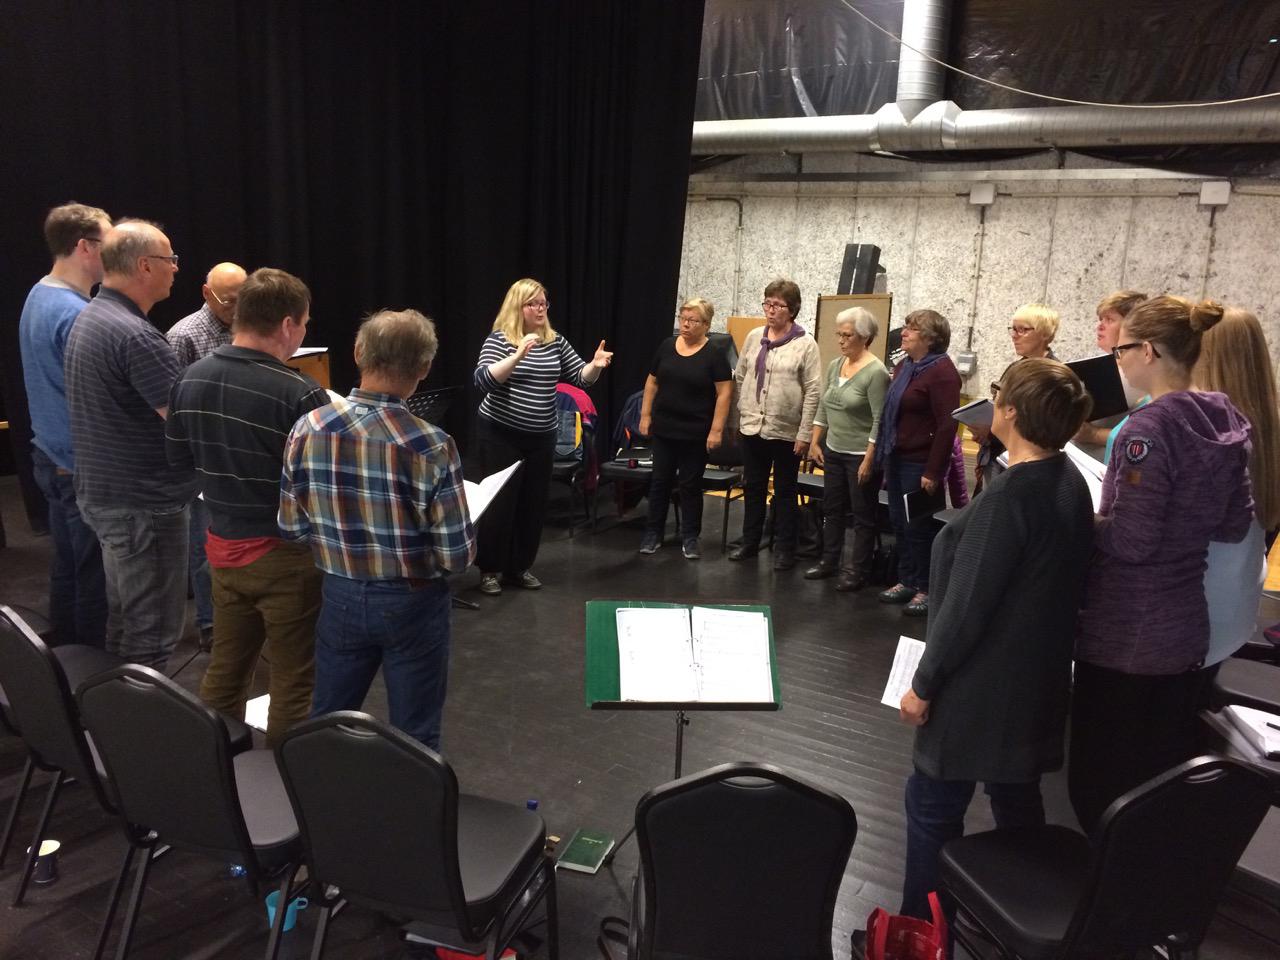 Kåfjordkor skal synge på kvensk i USA